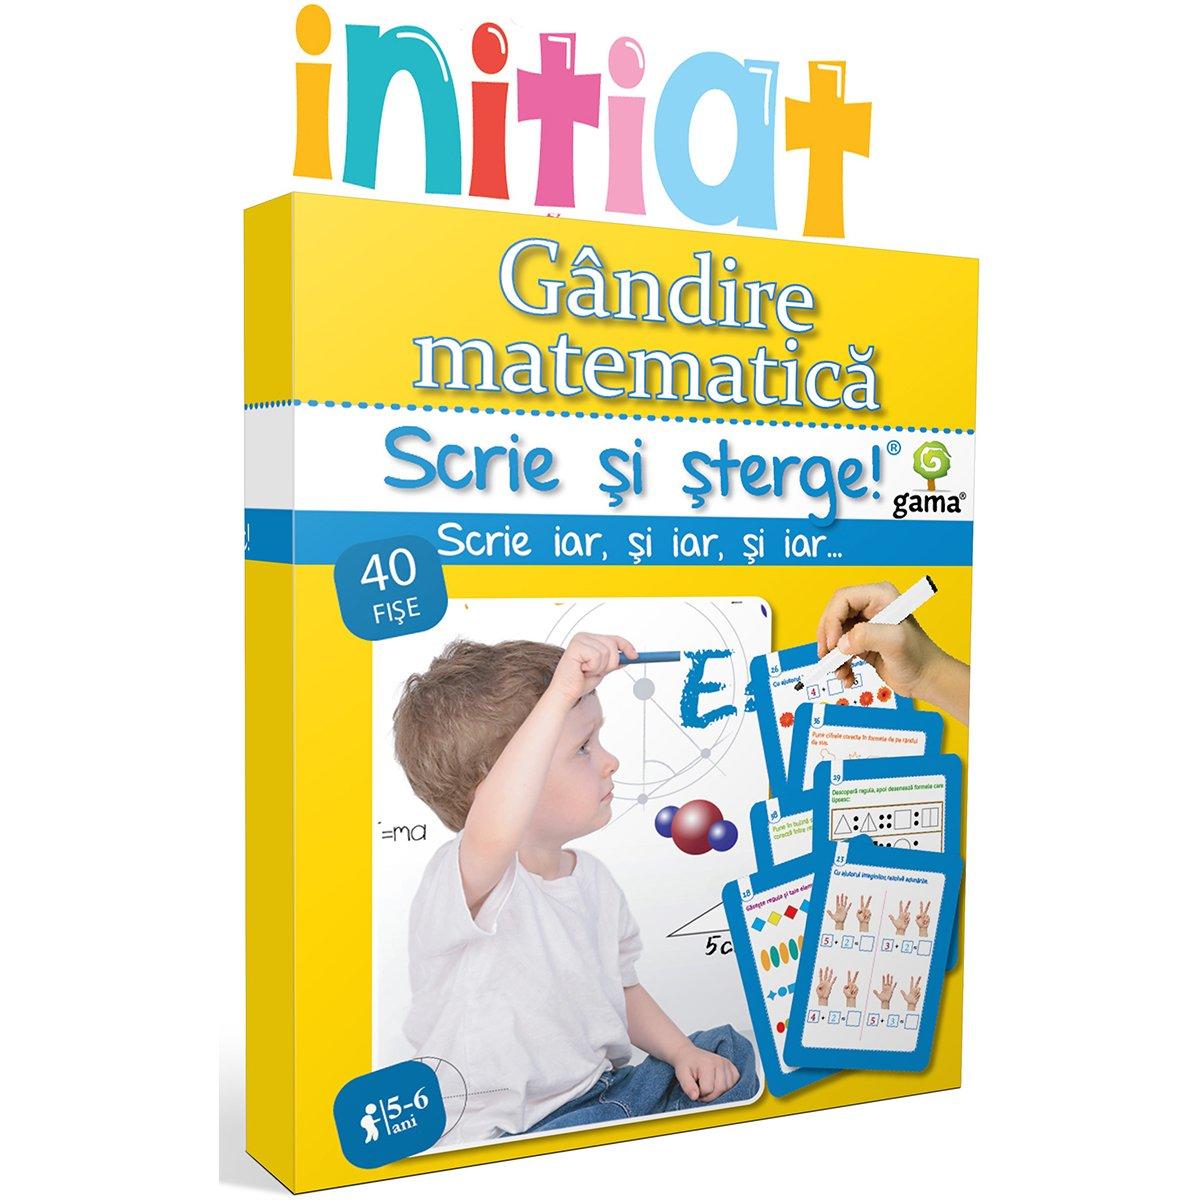 Editura Gama, Scrie si sterge Initiat, Gandire matematica 5-6 ani imagine